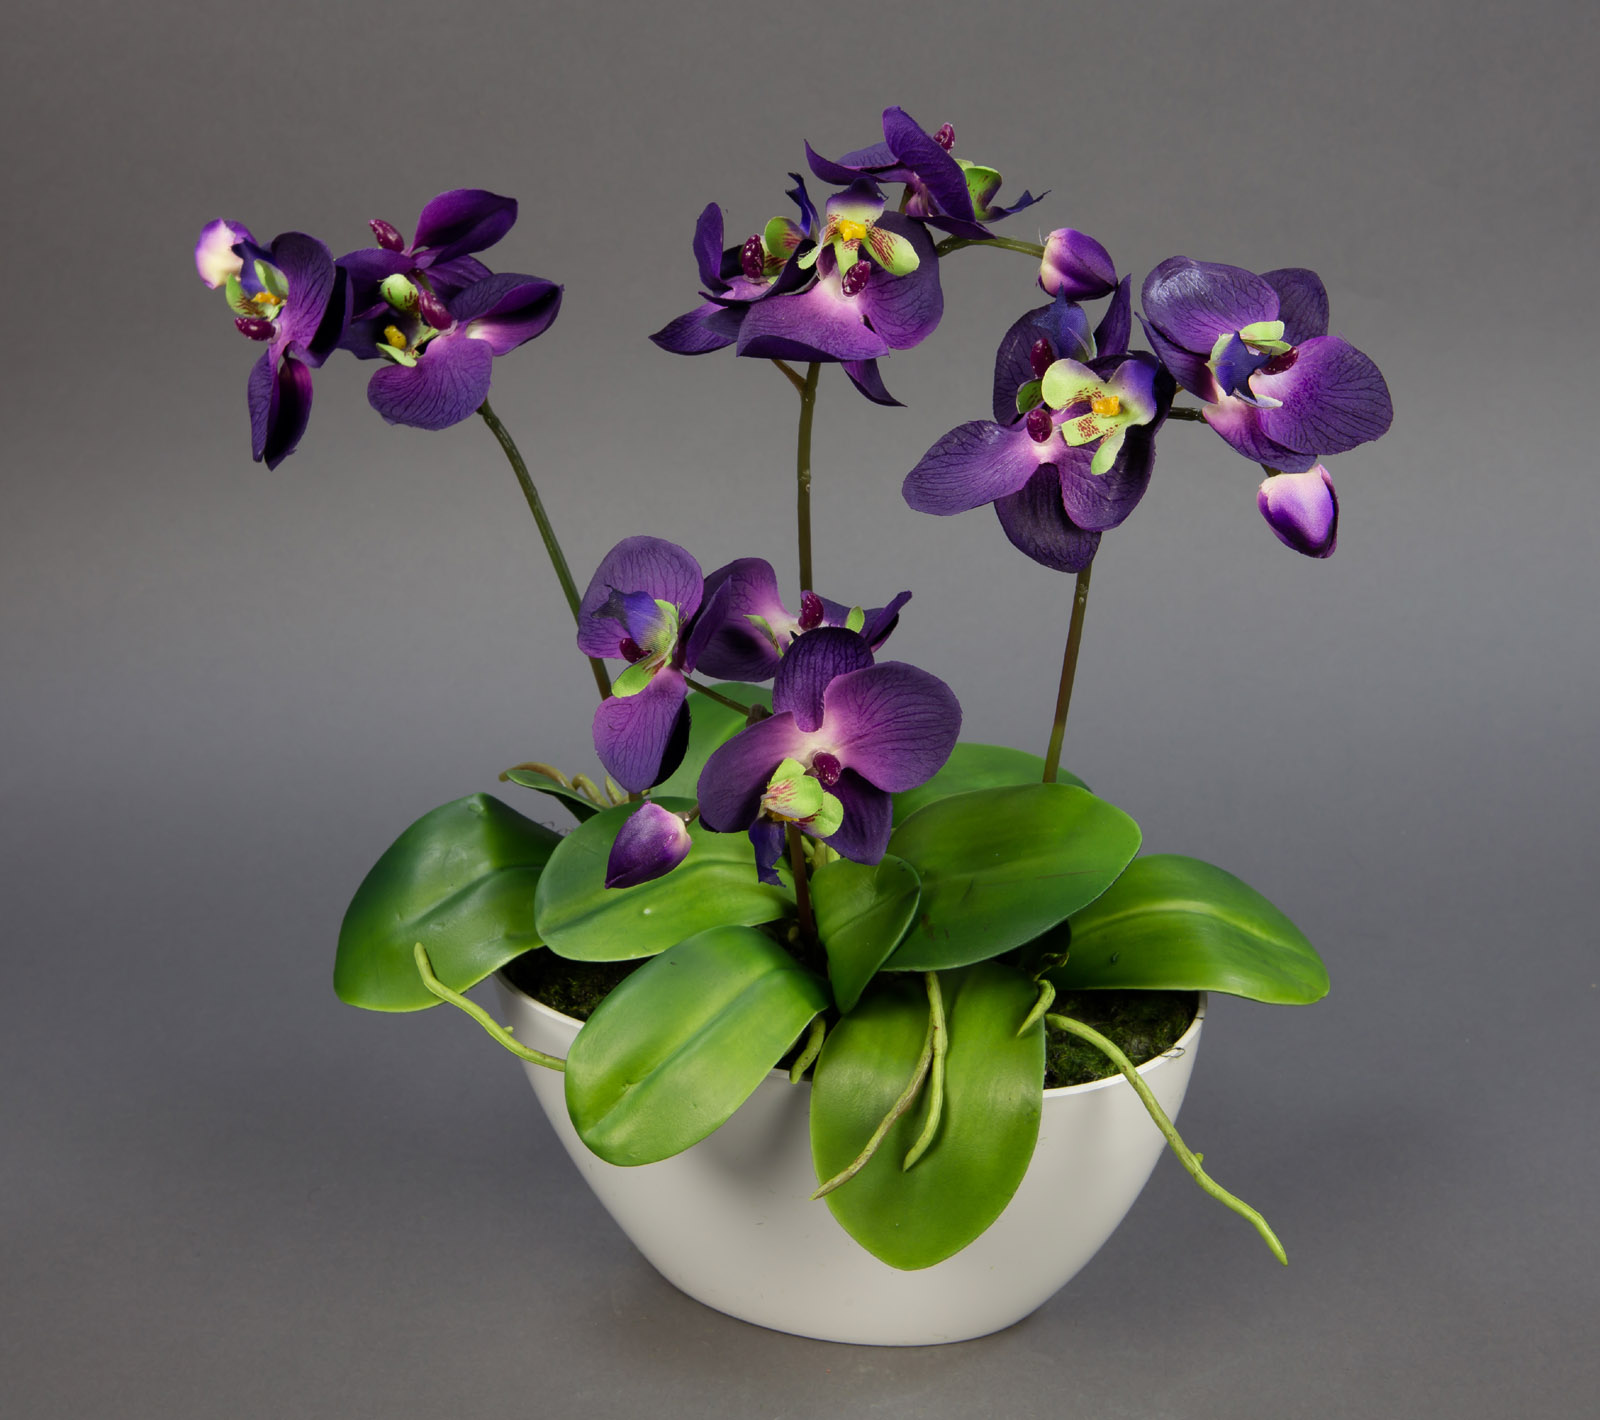 Orchideen arrangement 38x36cm lila in wei er dekoschale ga kunstblumen ebay - Orchideen arrangement ...